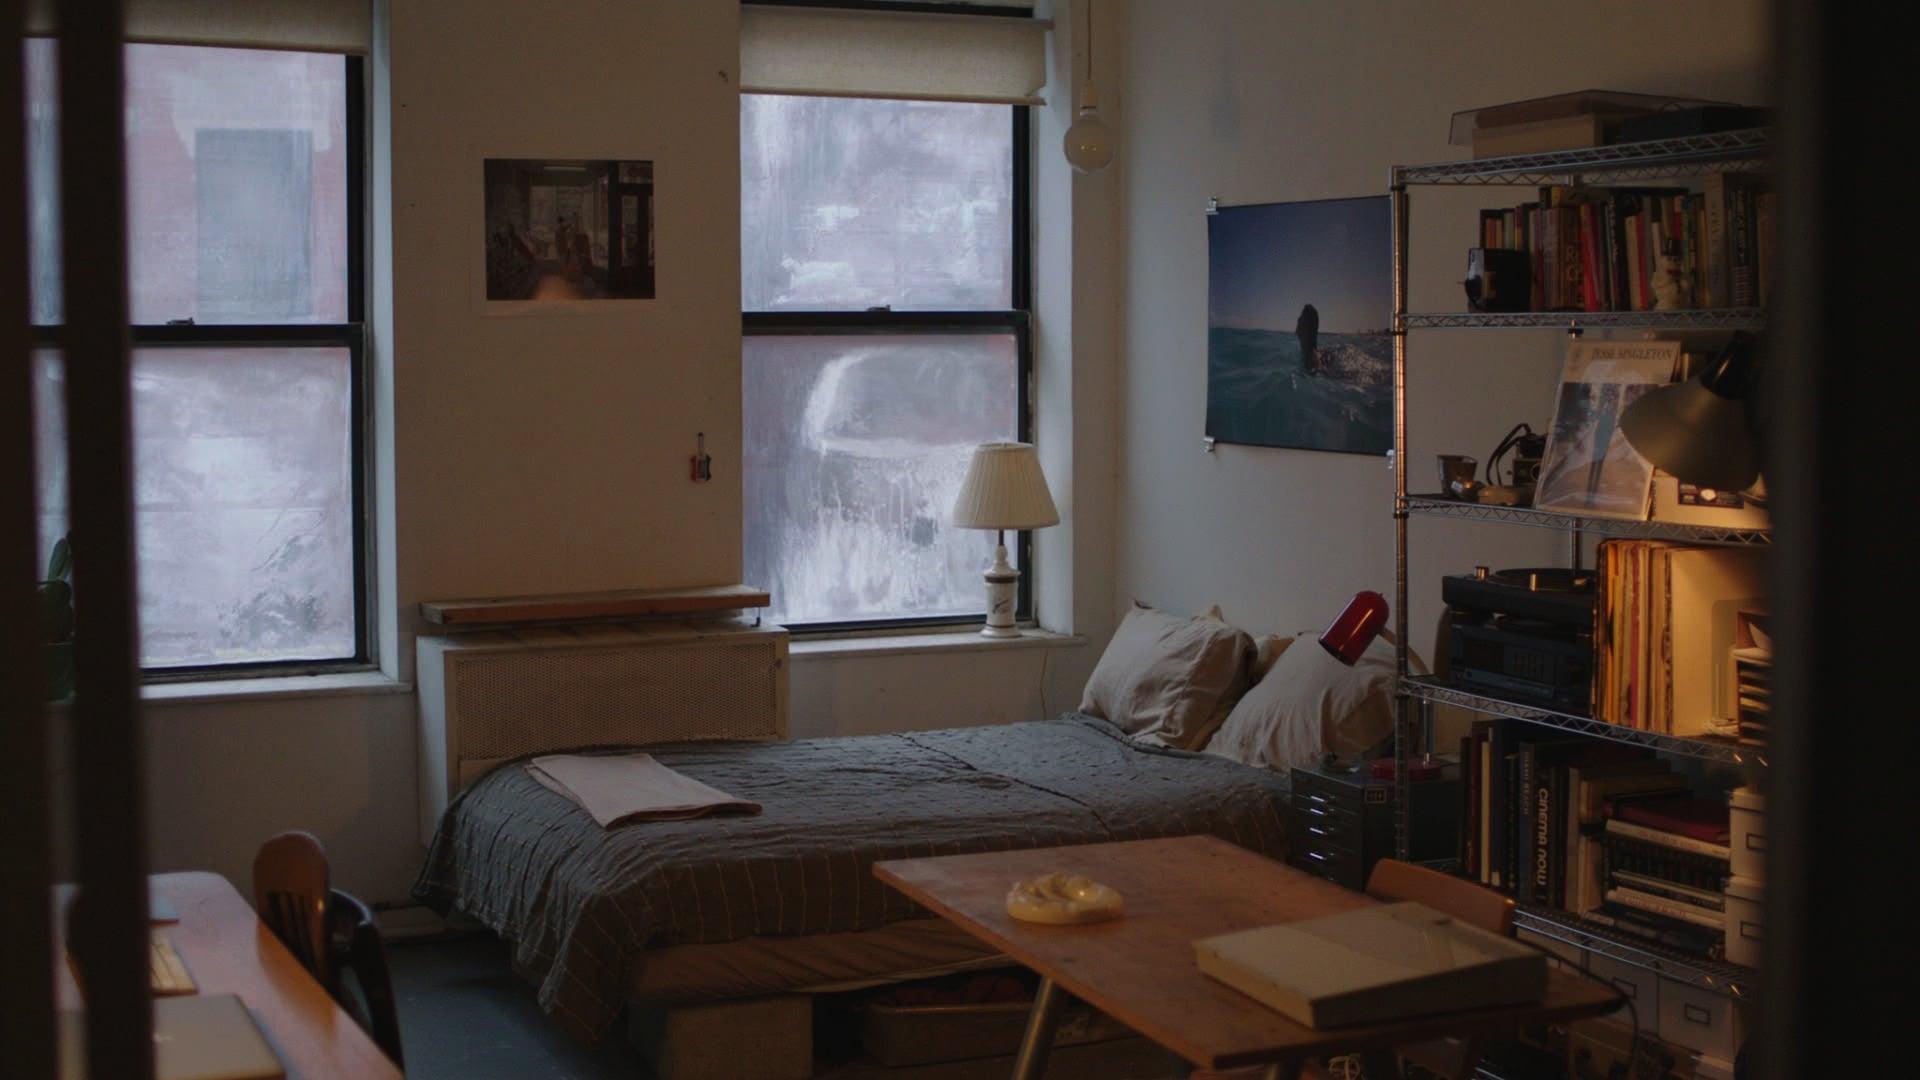 robert's room 01 copy.jpg